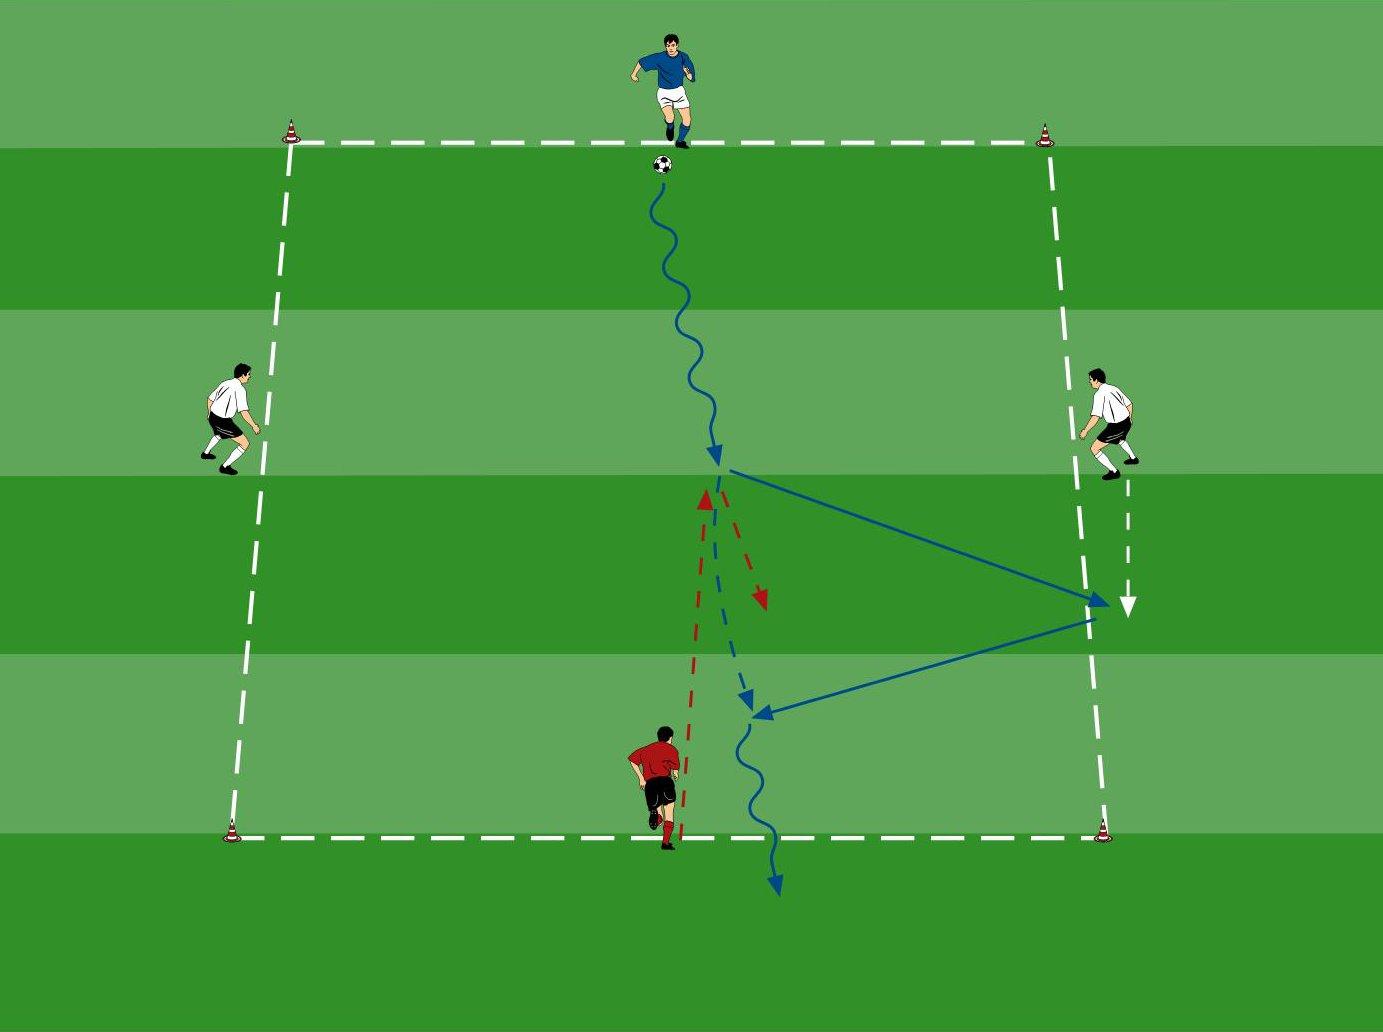 Doppelpass-Übungen mit festen Anspielern